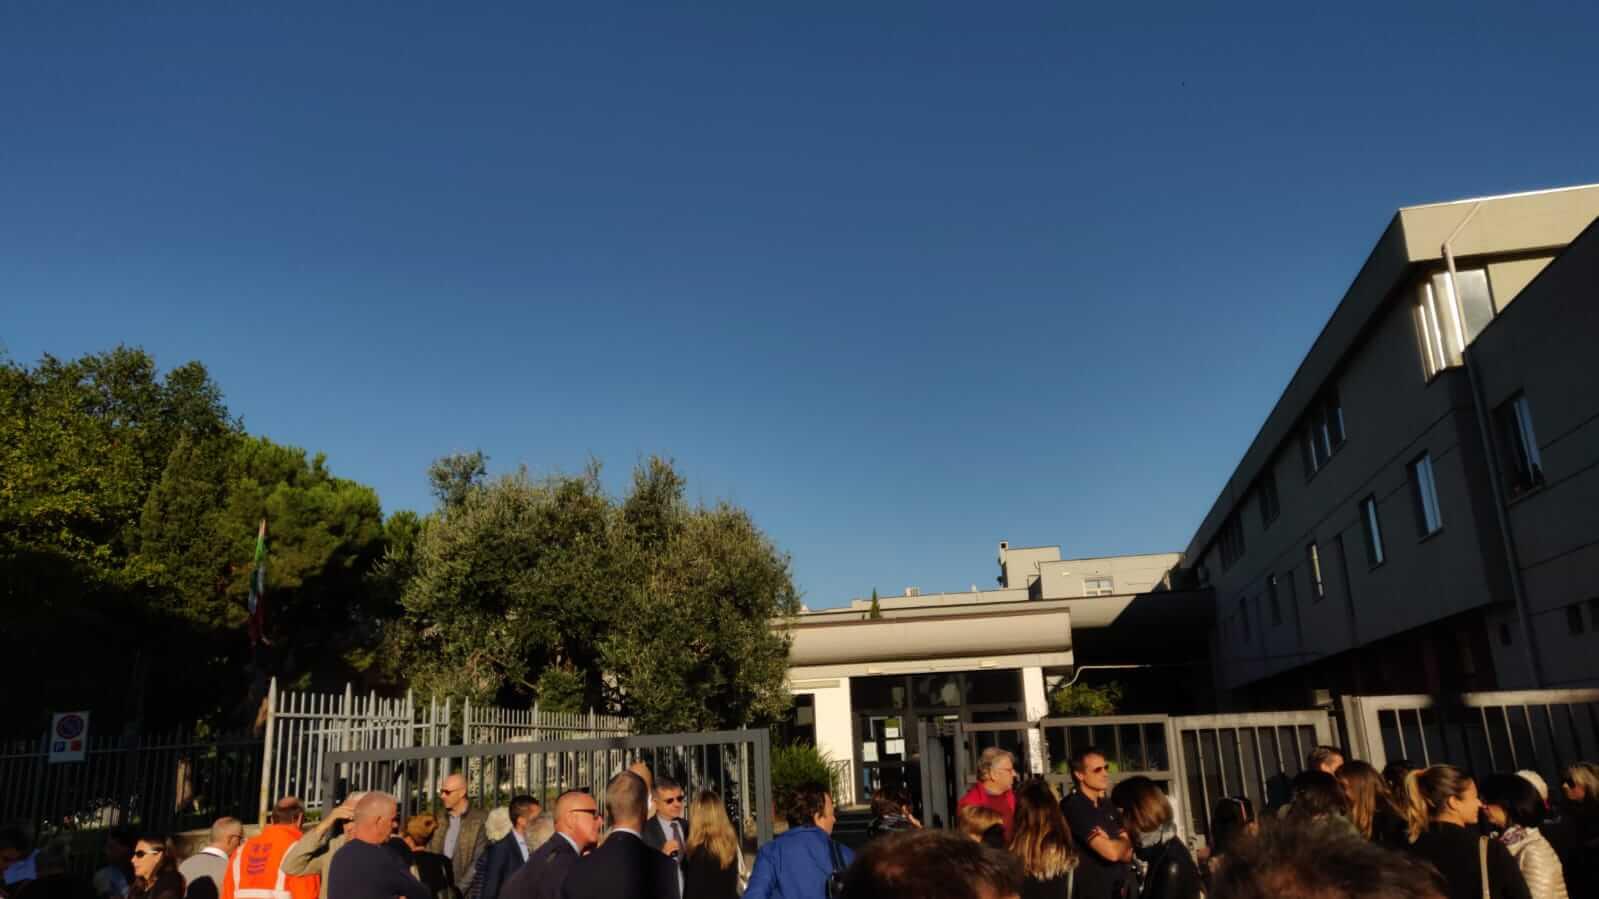 Allarme bomba, evacuato il tribunale di Massa